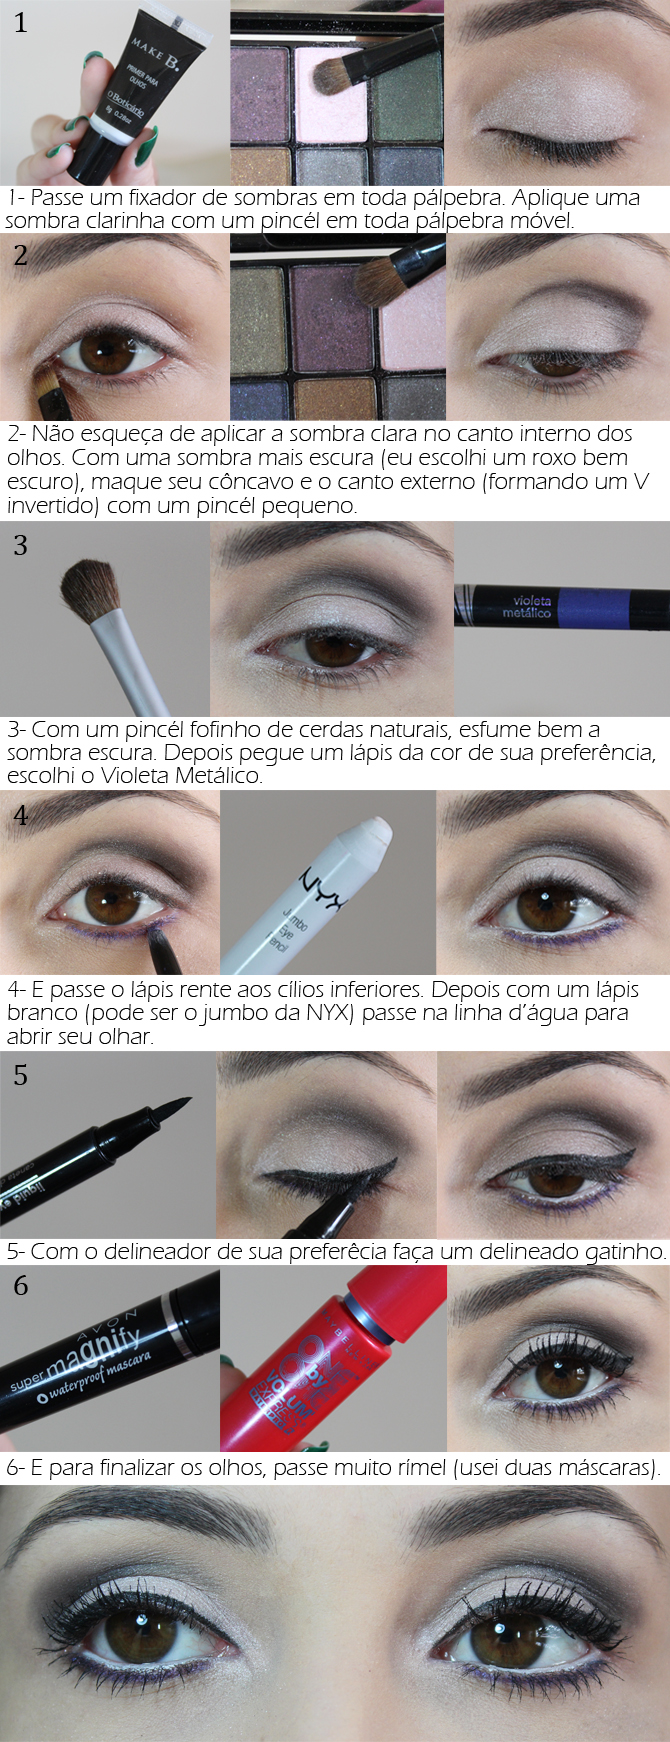 tutorial em foto